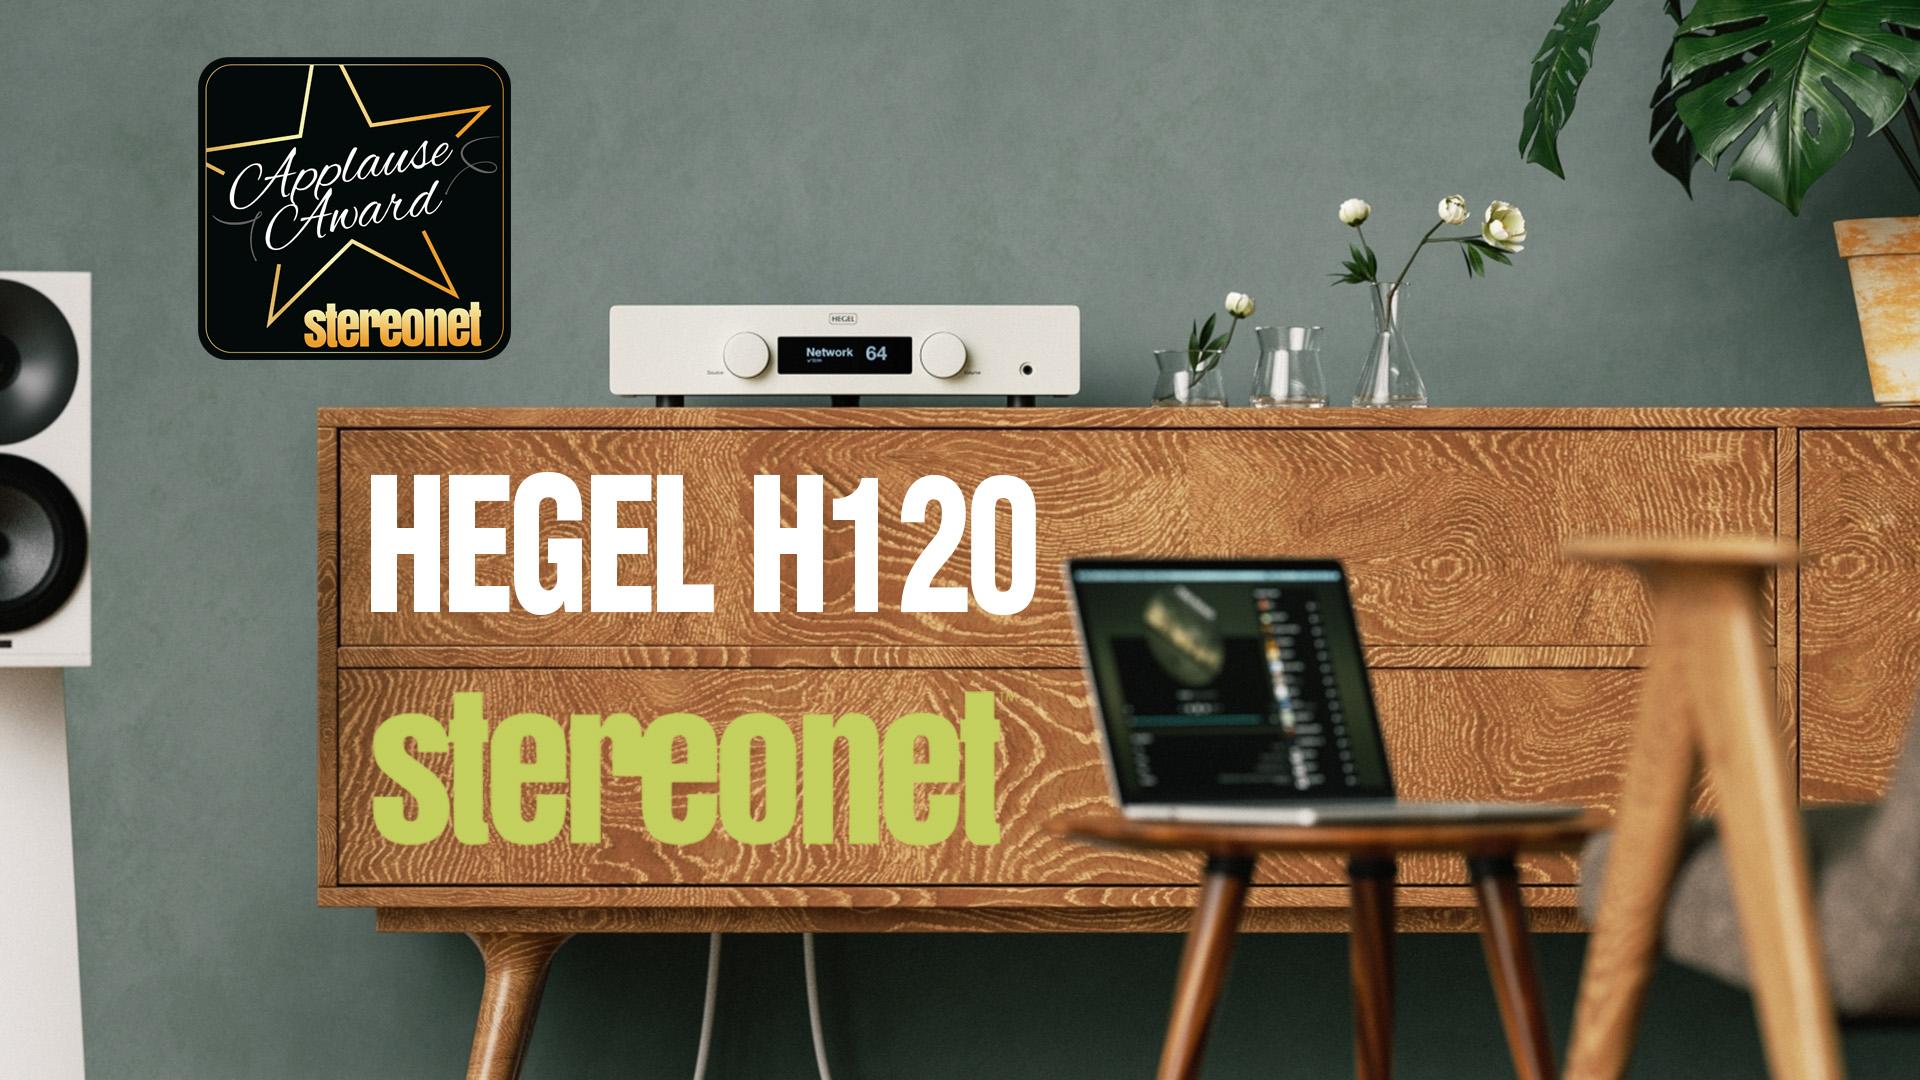 Возвращение золотого века: интегральный усилитель Hegel H120 заслужил аплодисменты портала Stereonet